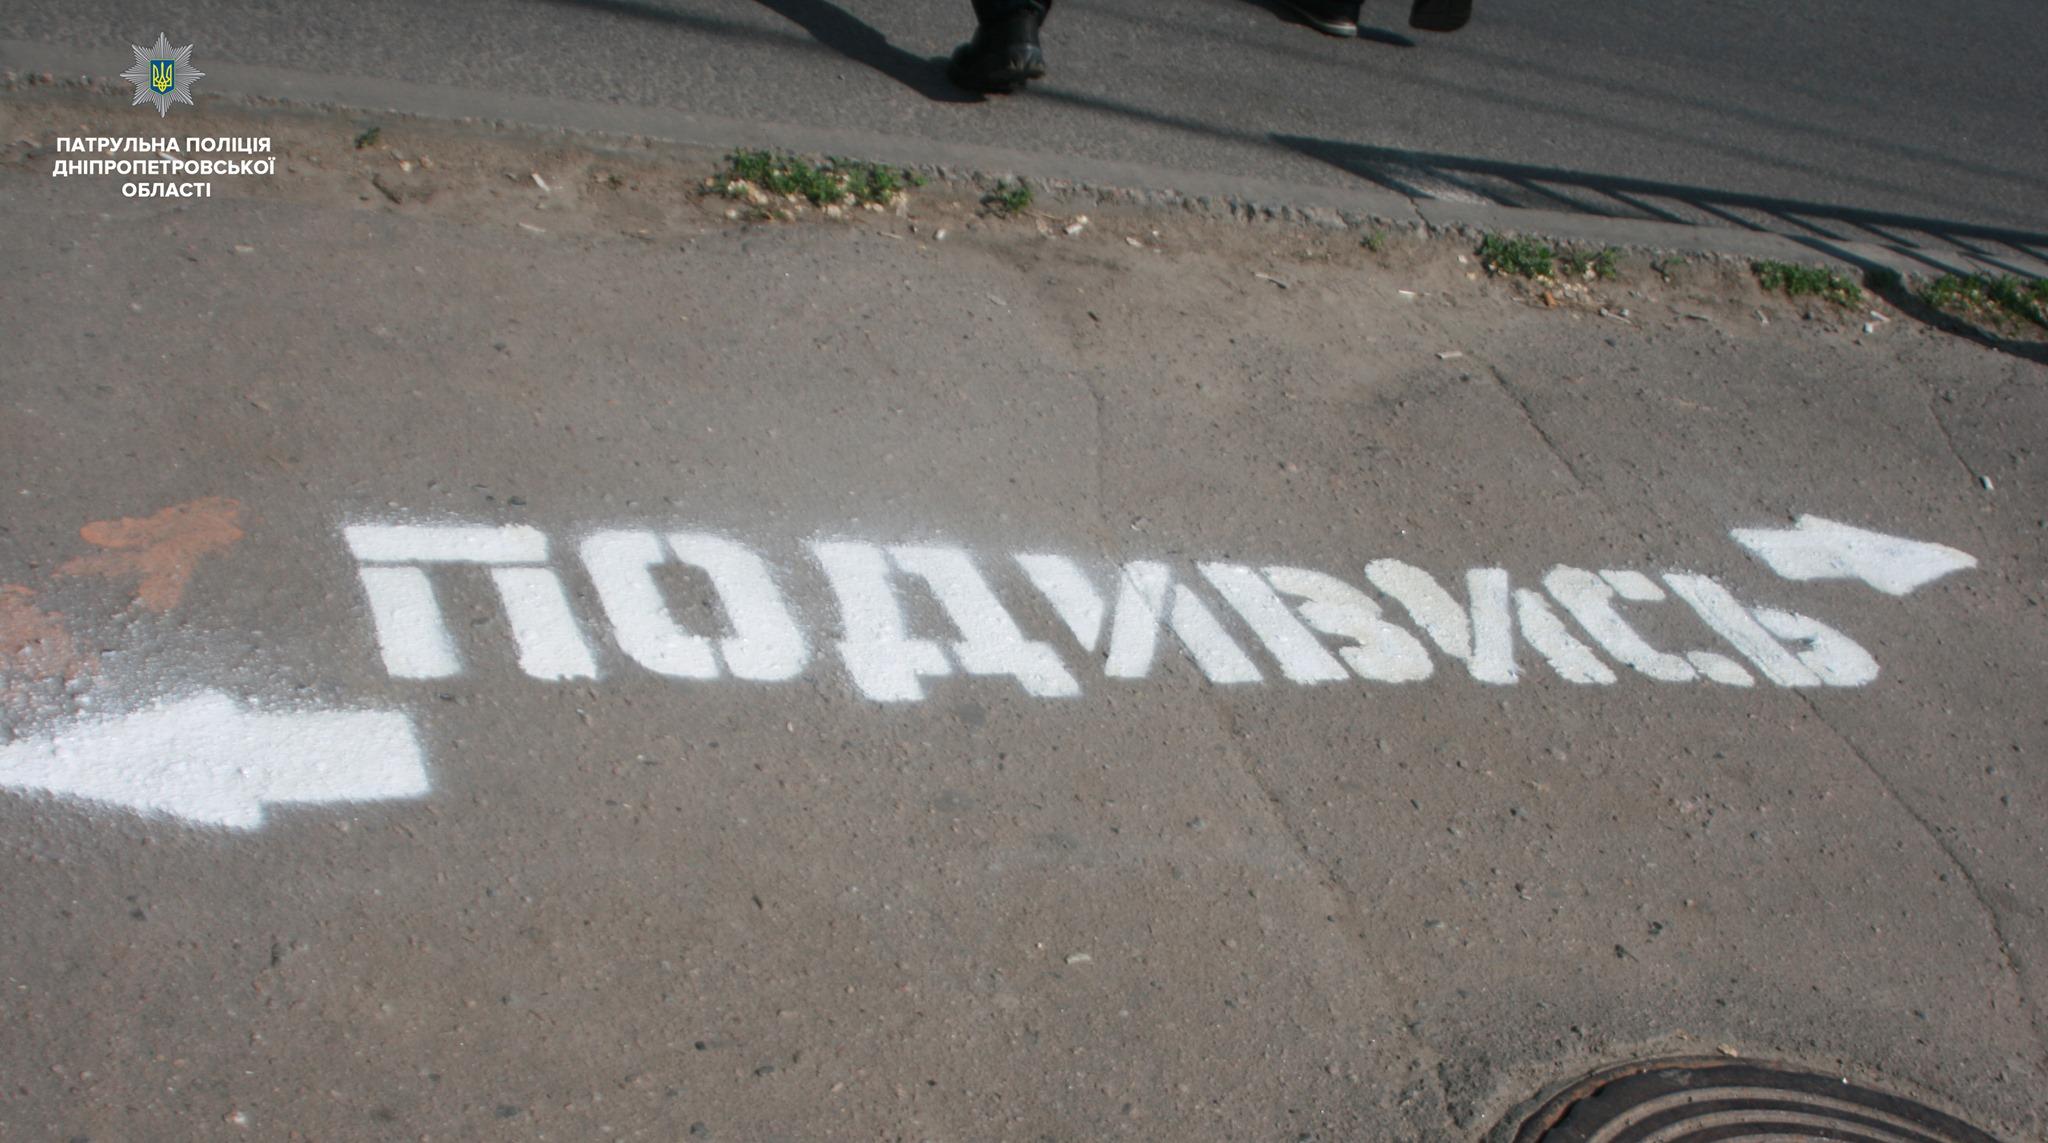 В Днепре на тротуарах появились надписи для пешеходов